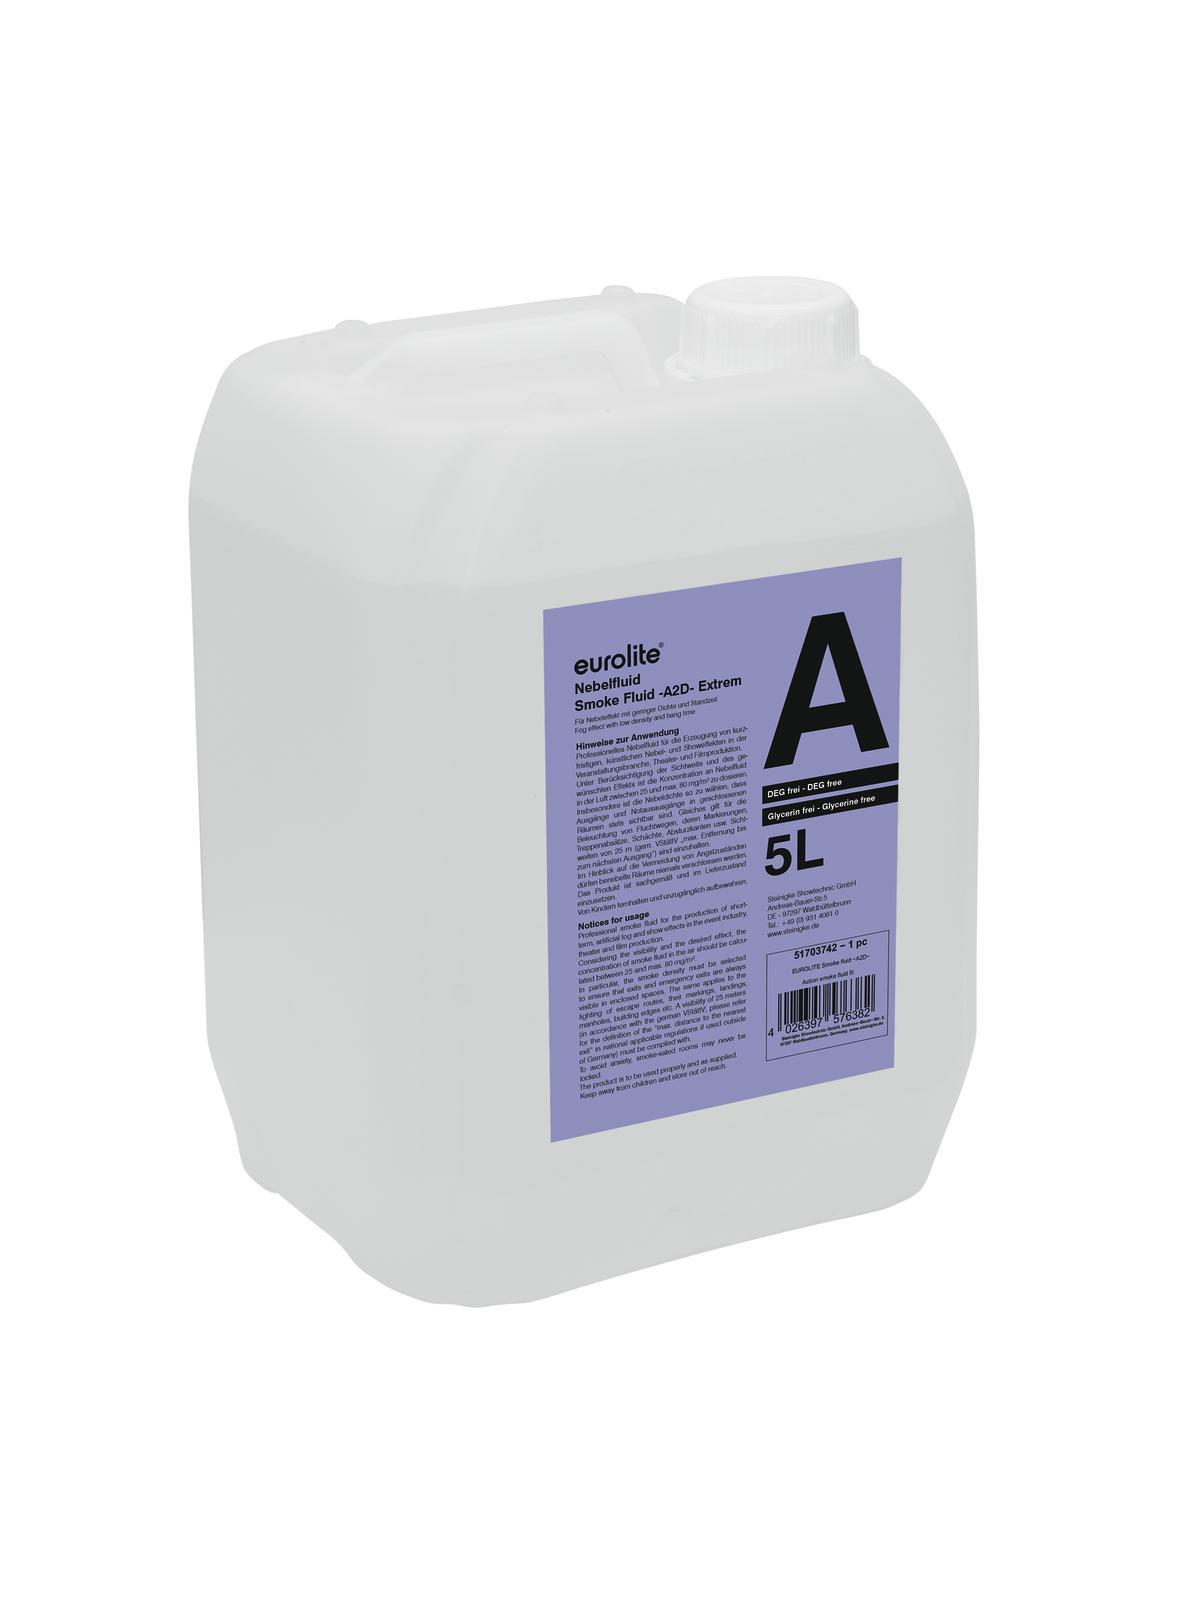 Eurolite náplň do výrobníku mlhy -A2D- Action smoke fluid 5l